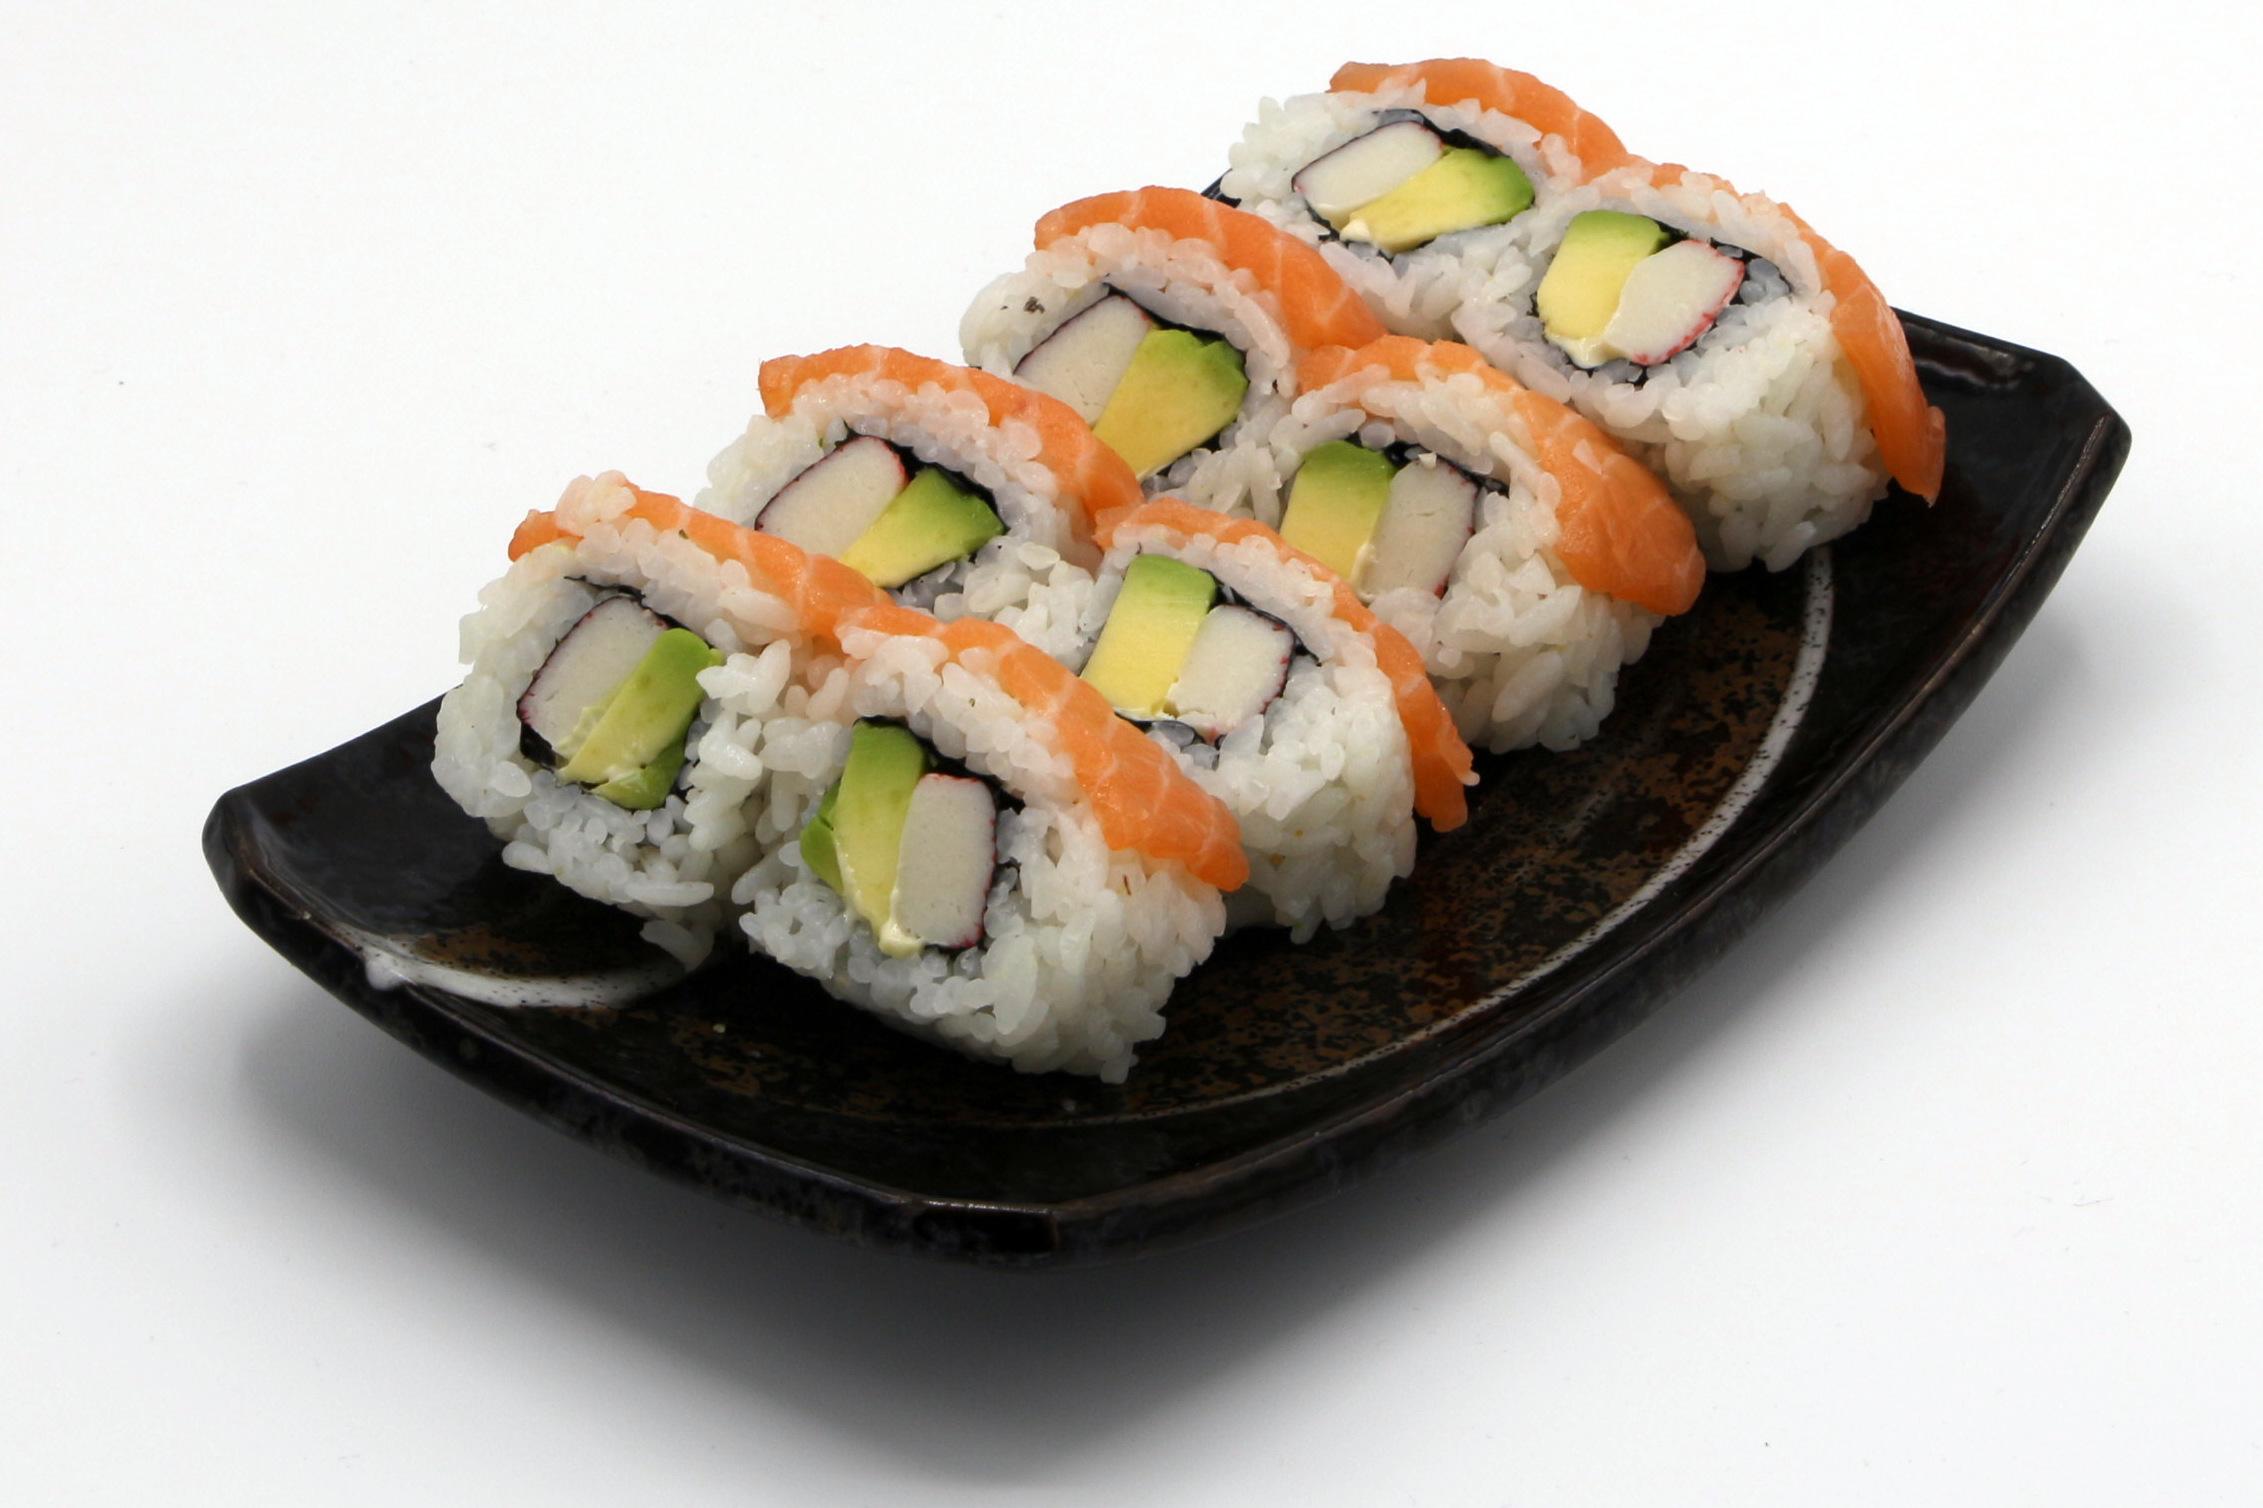 120 Cali Lachs Rainbow Sushi Mitarzu